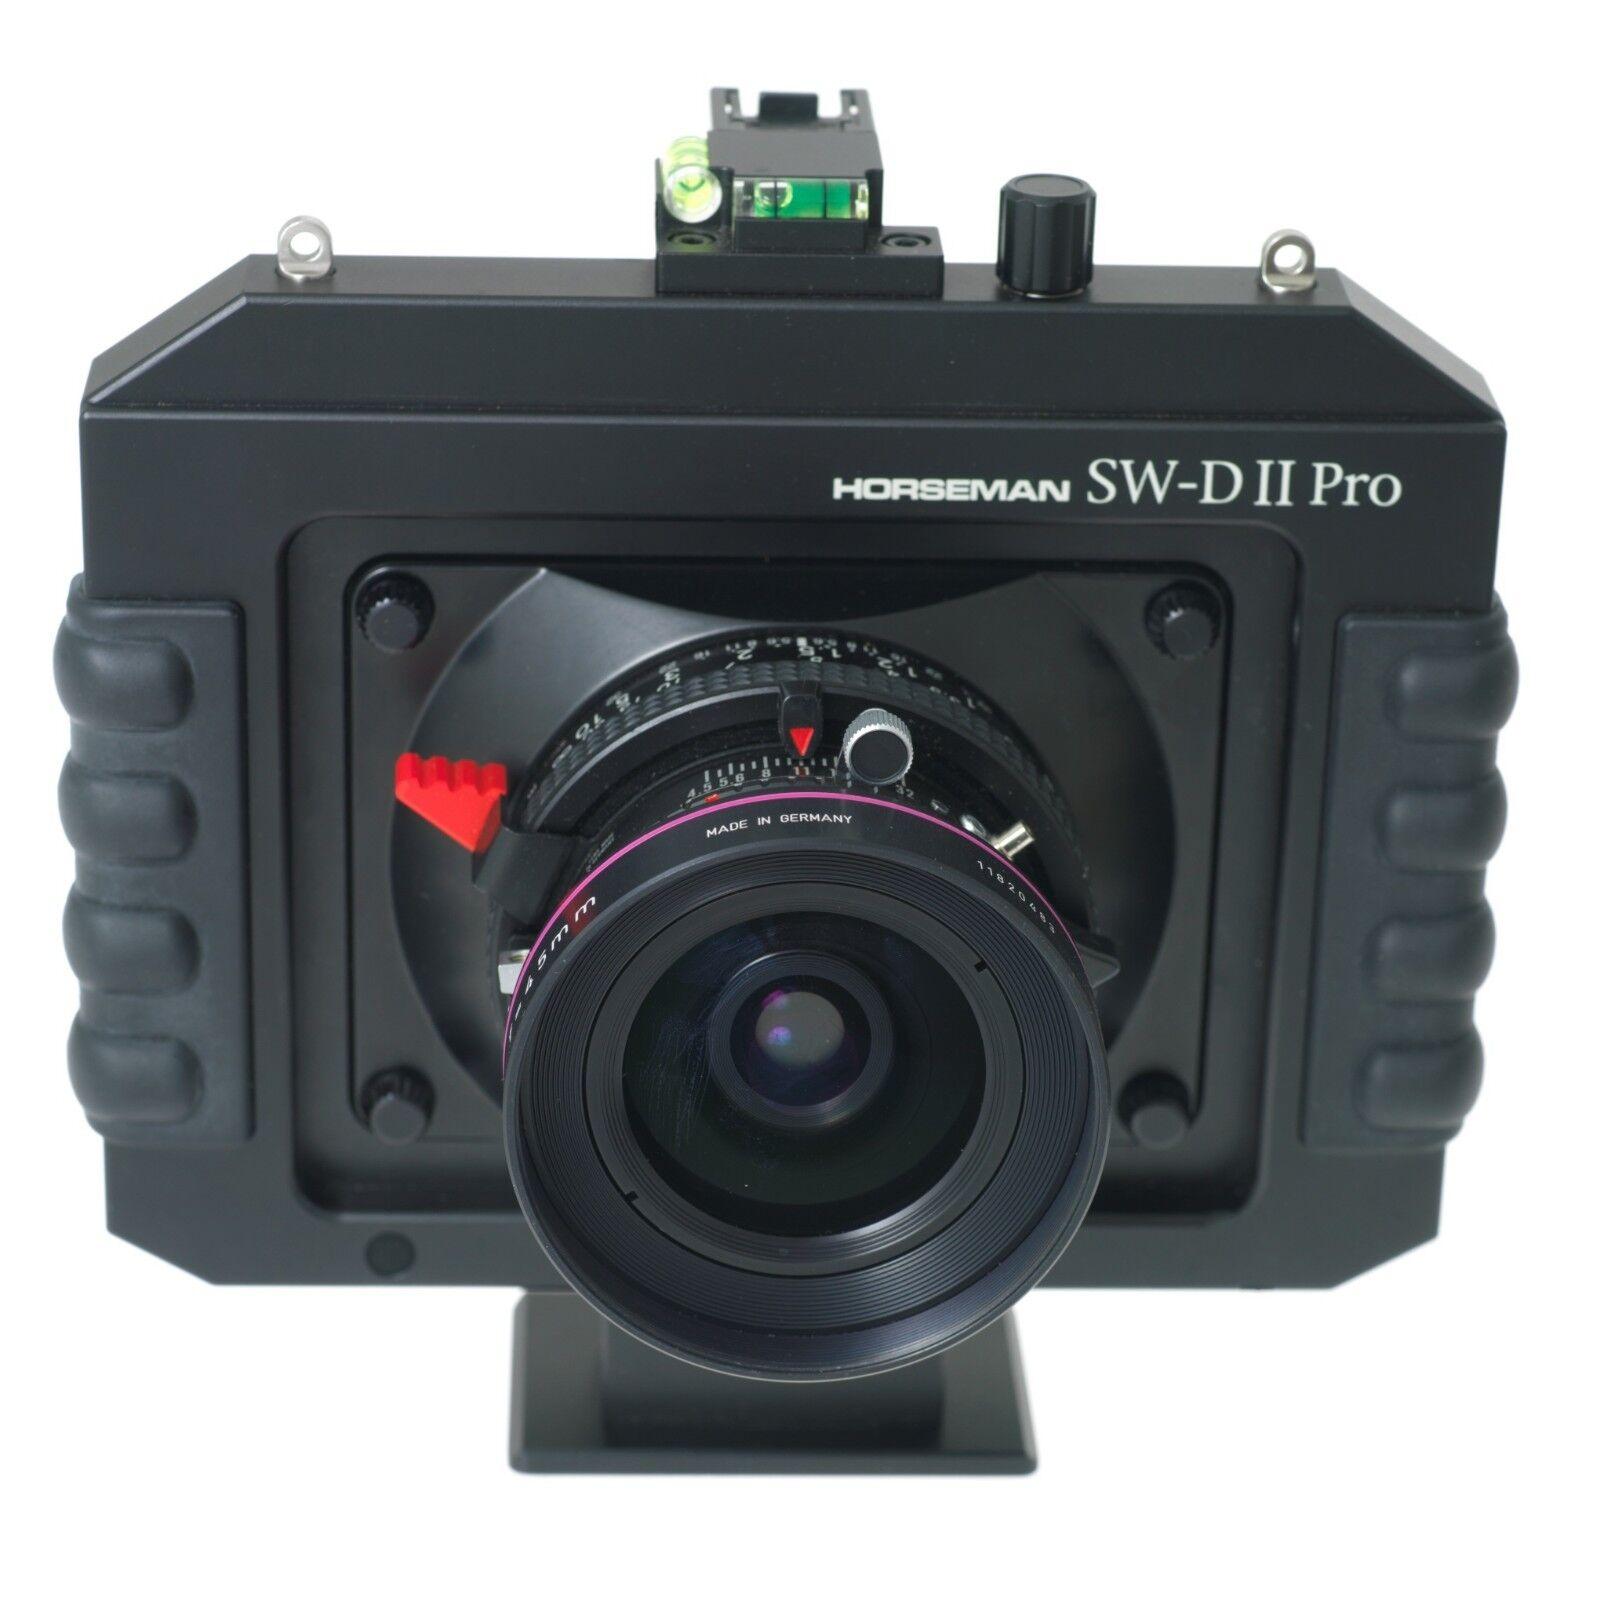 готовили цифровые задники для пленочных фотоаппаратов президентом